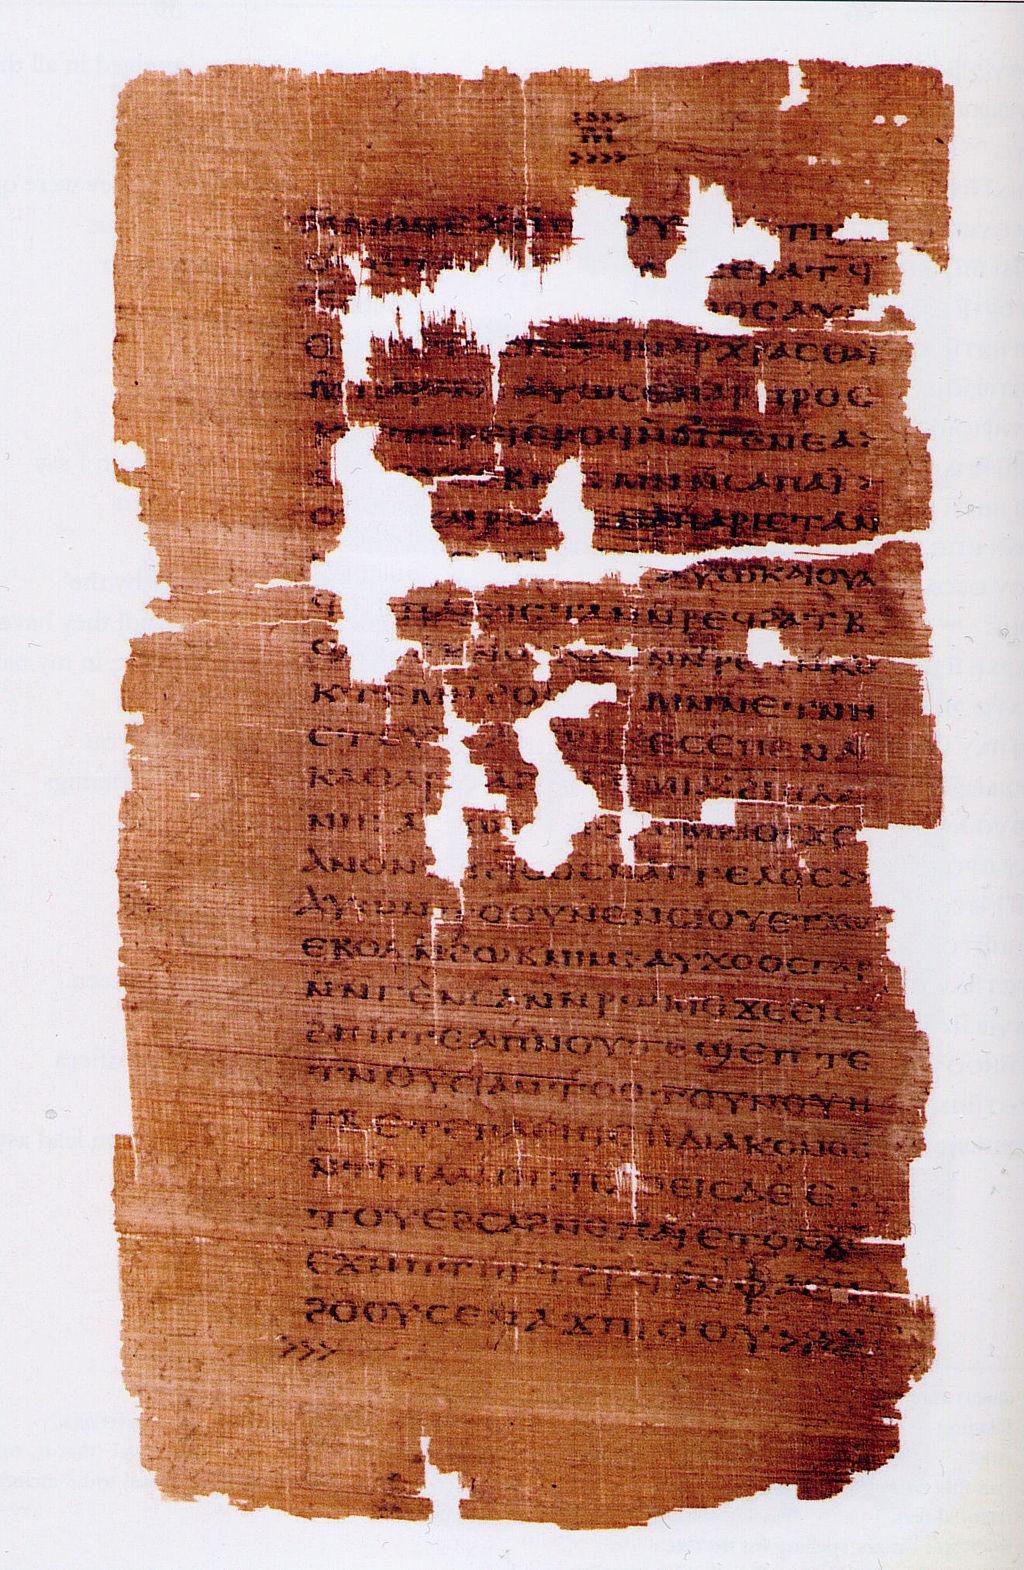 Codex Tchacos p40